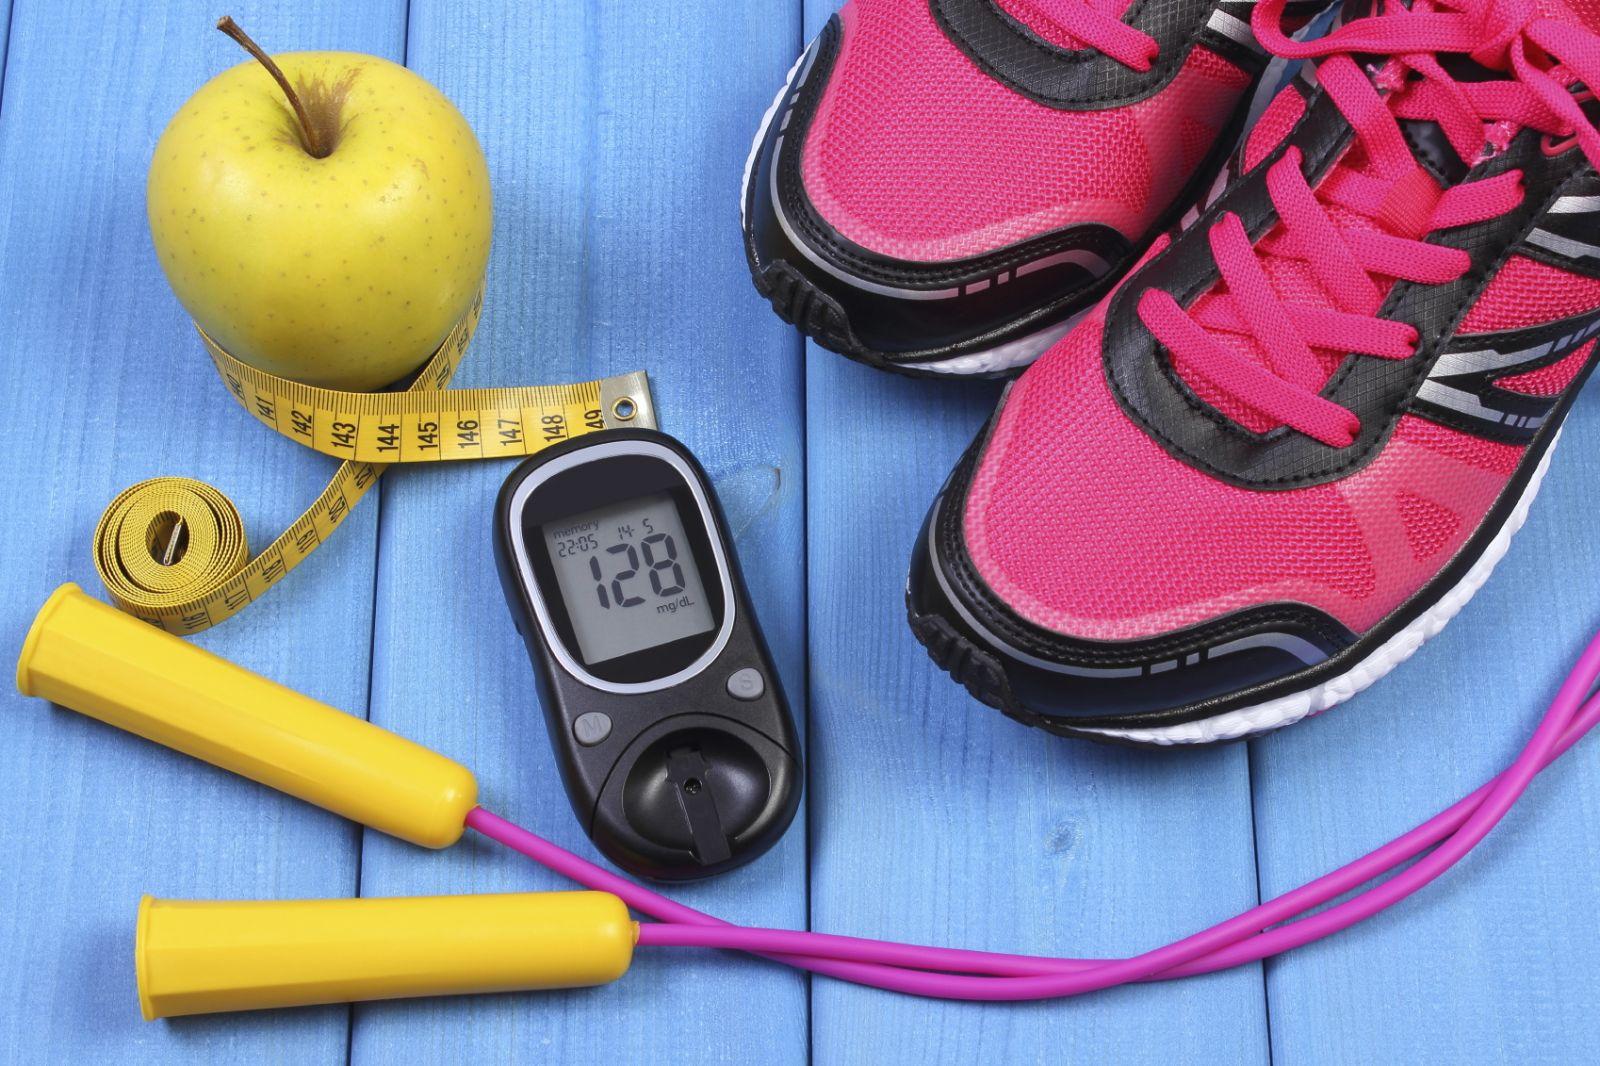 La diabetes en la salud muscular y el músculo en la salud metabólica